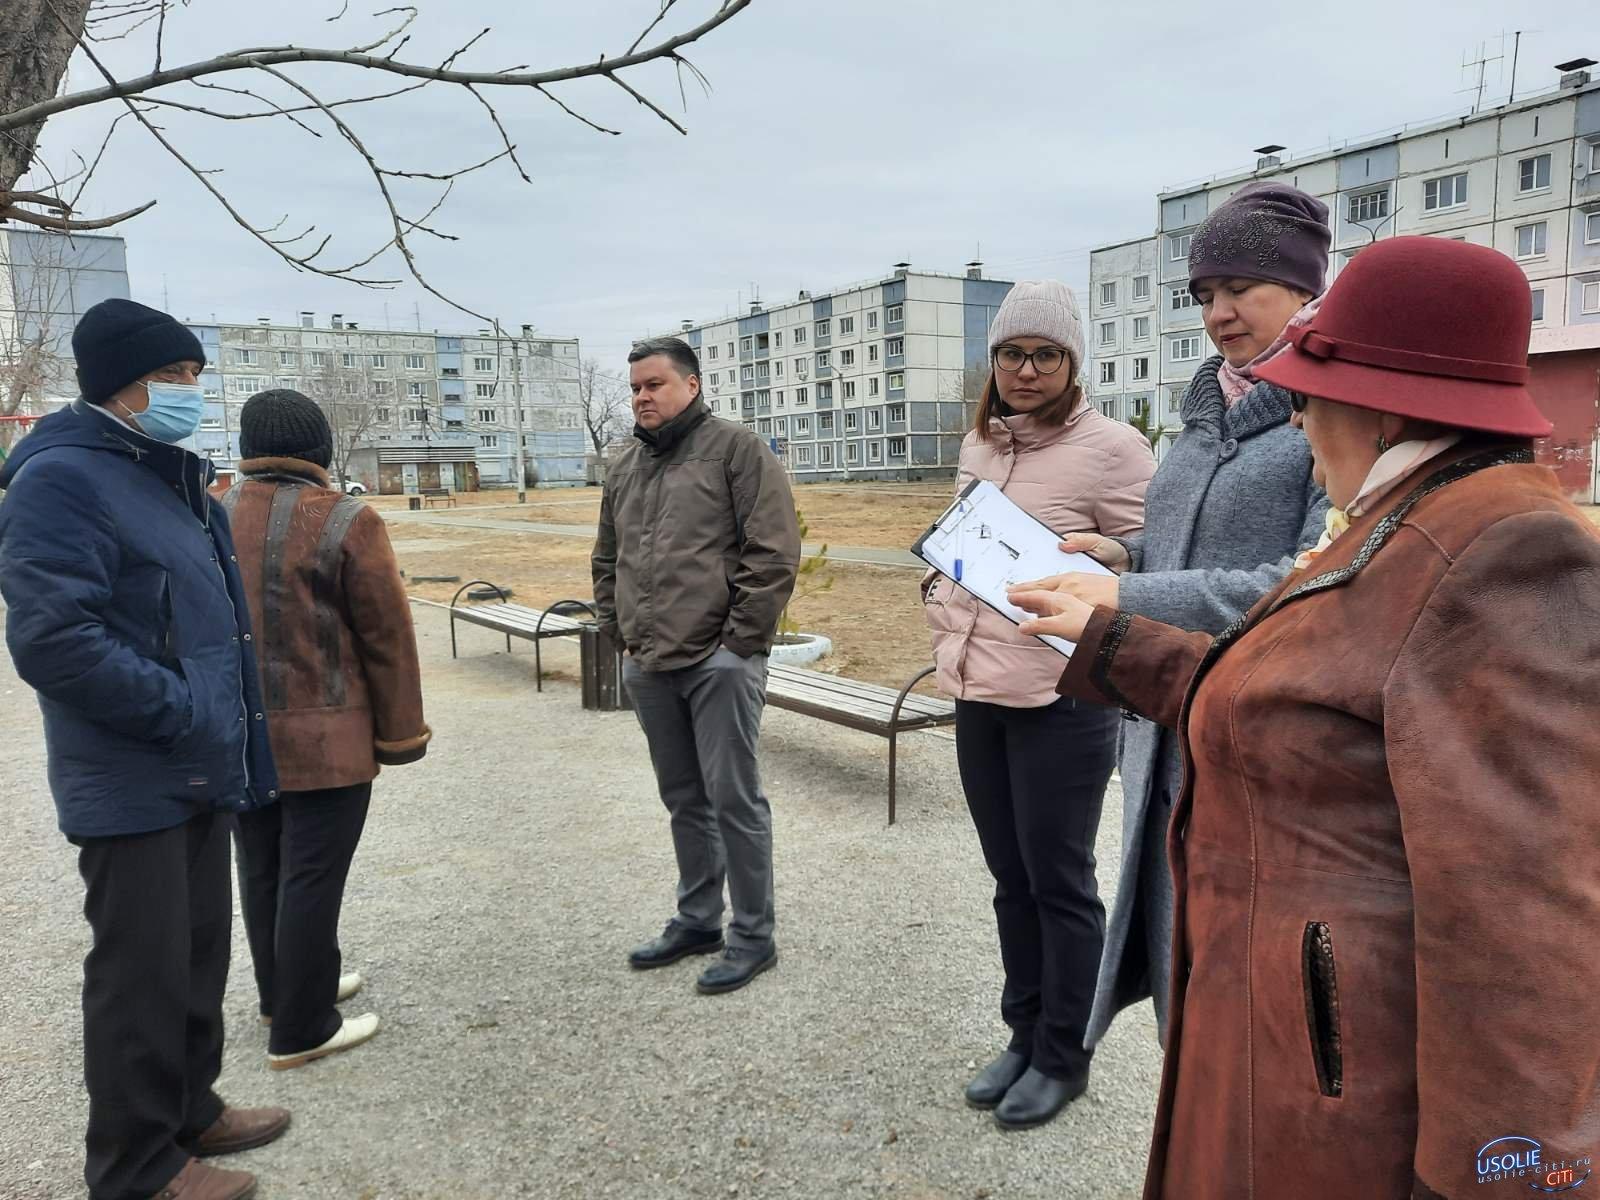 Вадим Кучаров: Благоустройство продолжается